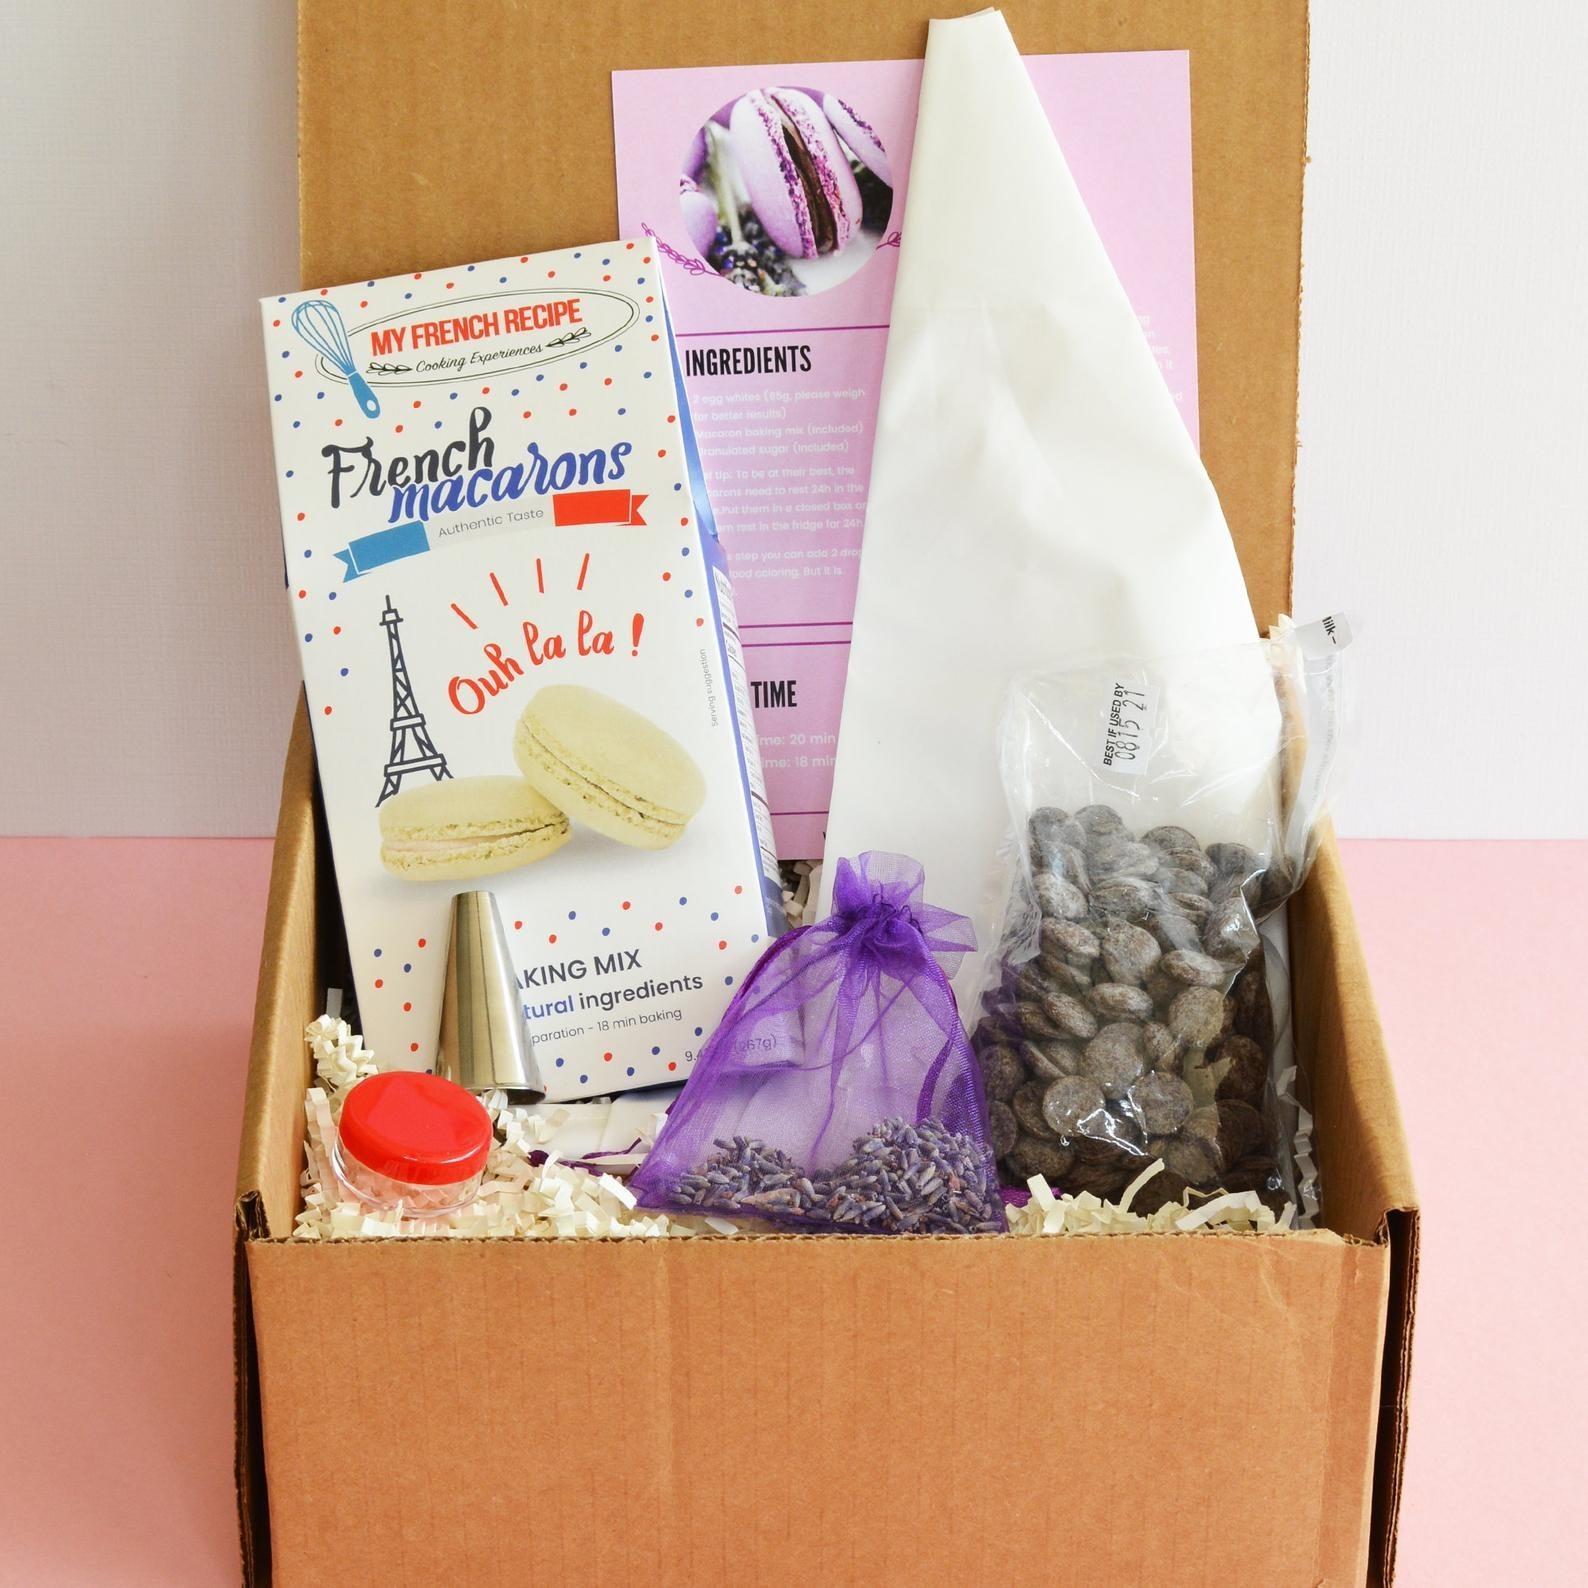 Macaron baking kit in its packaging